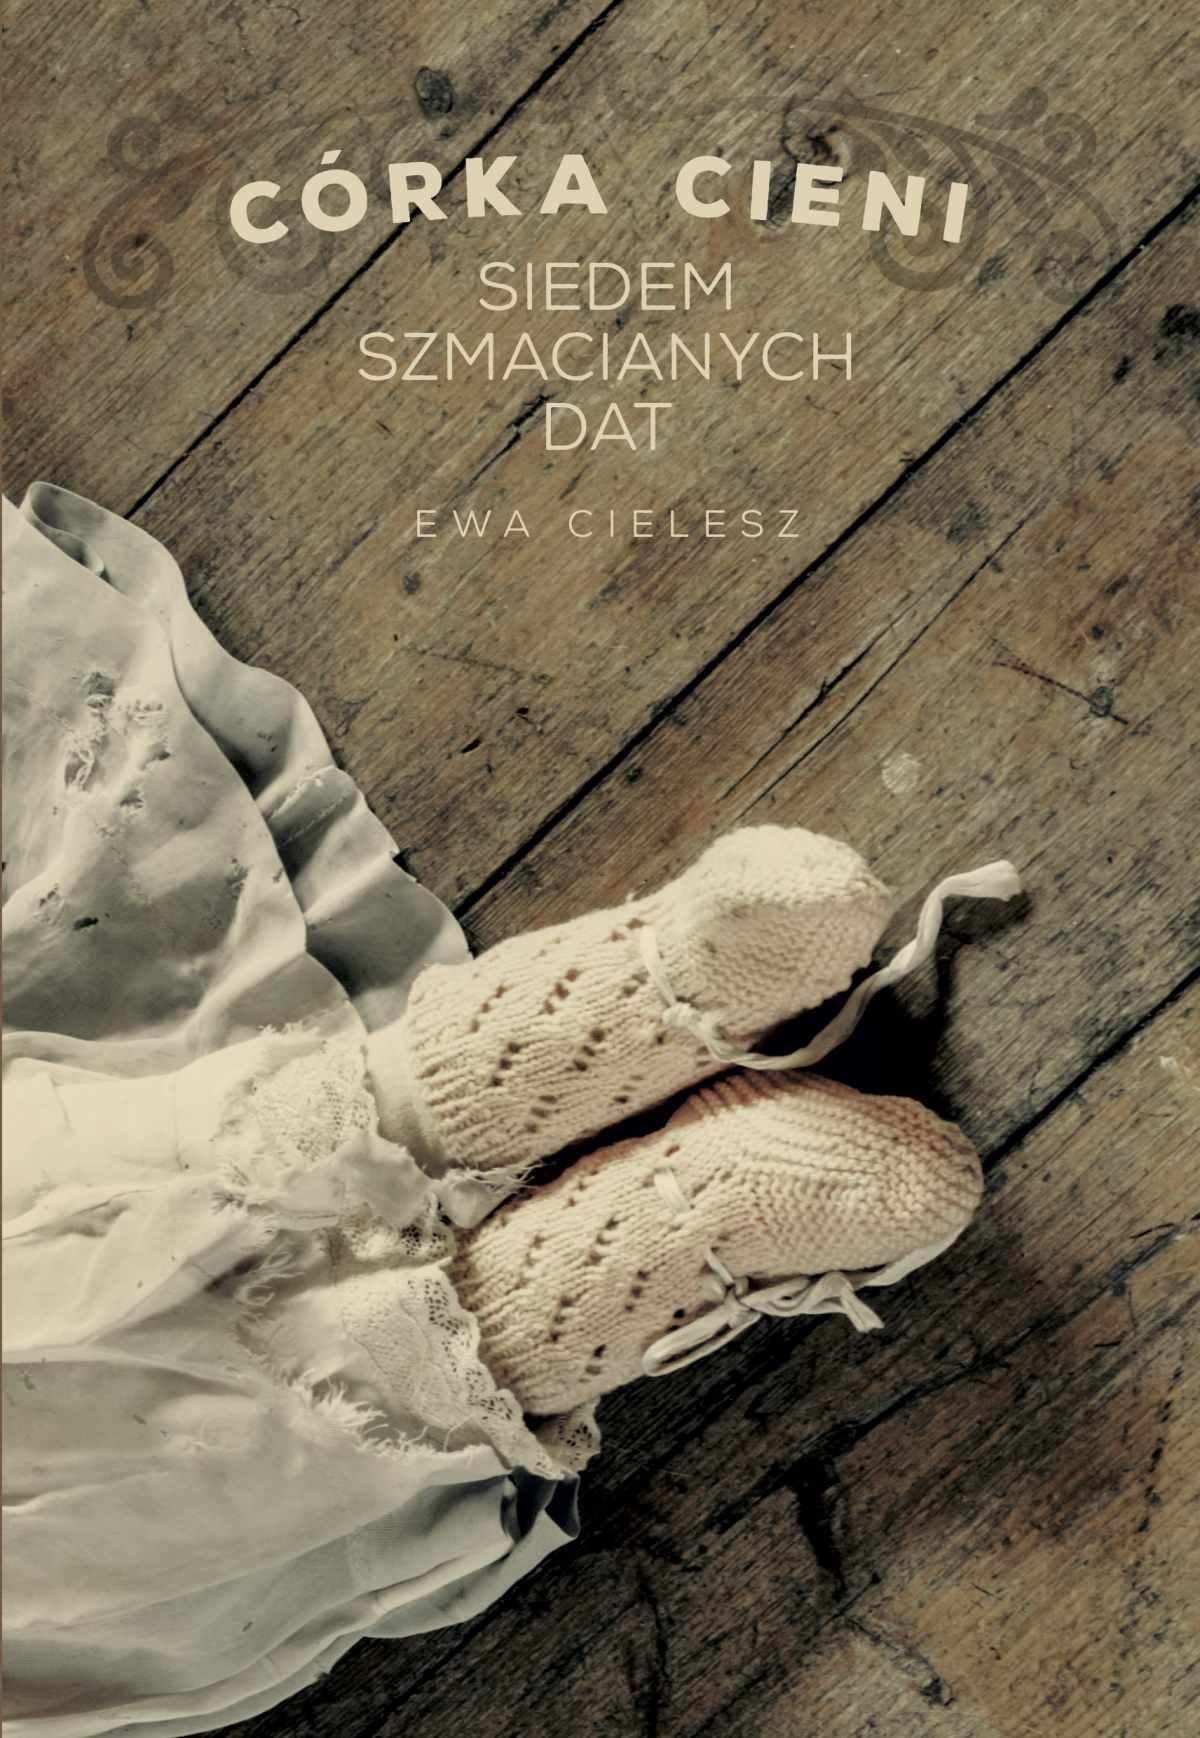 Córka cieni cz.1 Siedem szmacianych dat - Ebook (Książka na Kindle) do pobrania w formacie MOBI